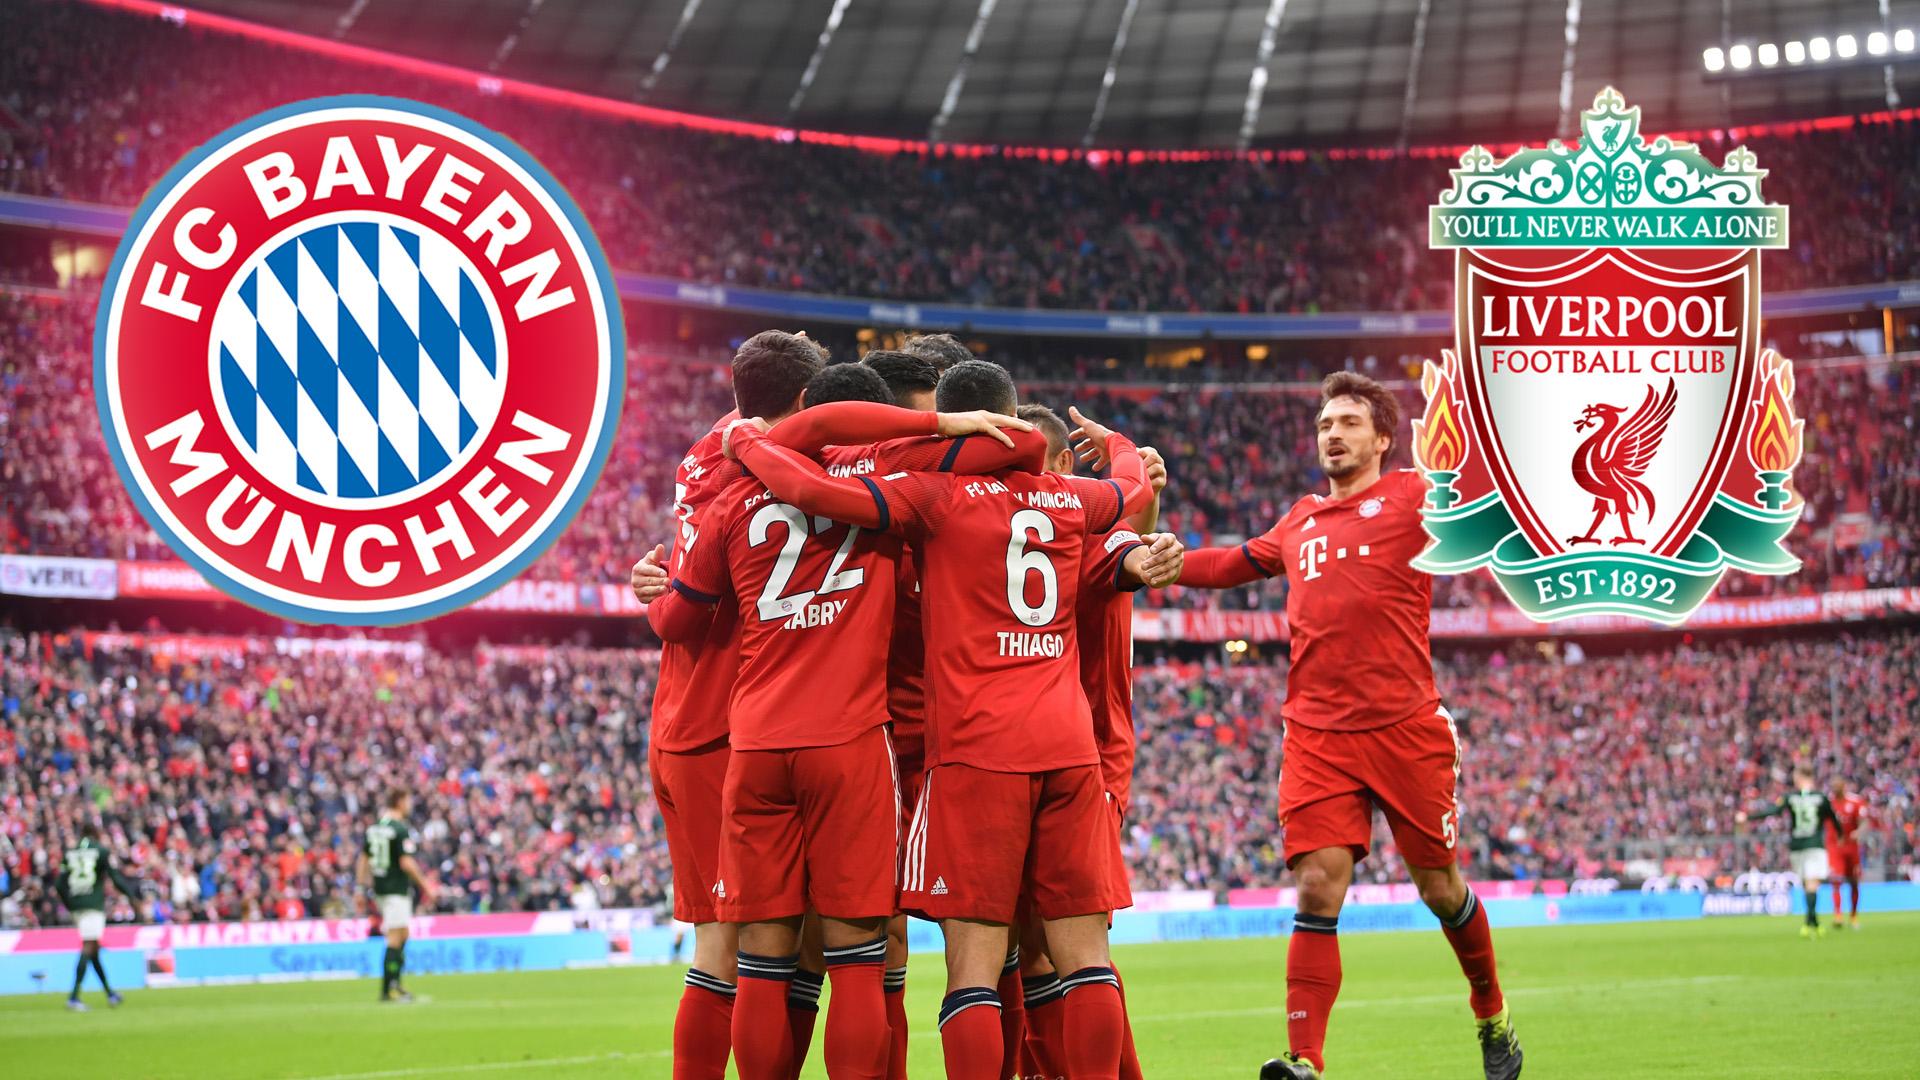 Анонс и прогноз матча «Бавария» Мюнхен - «Ливерпуль»